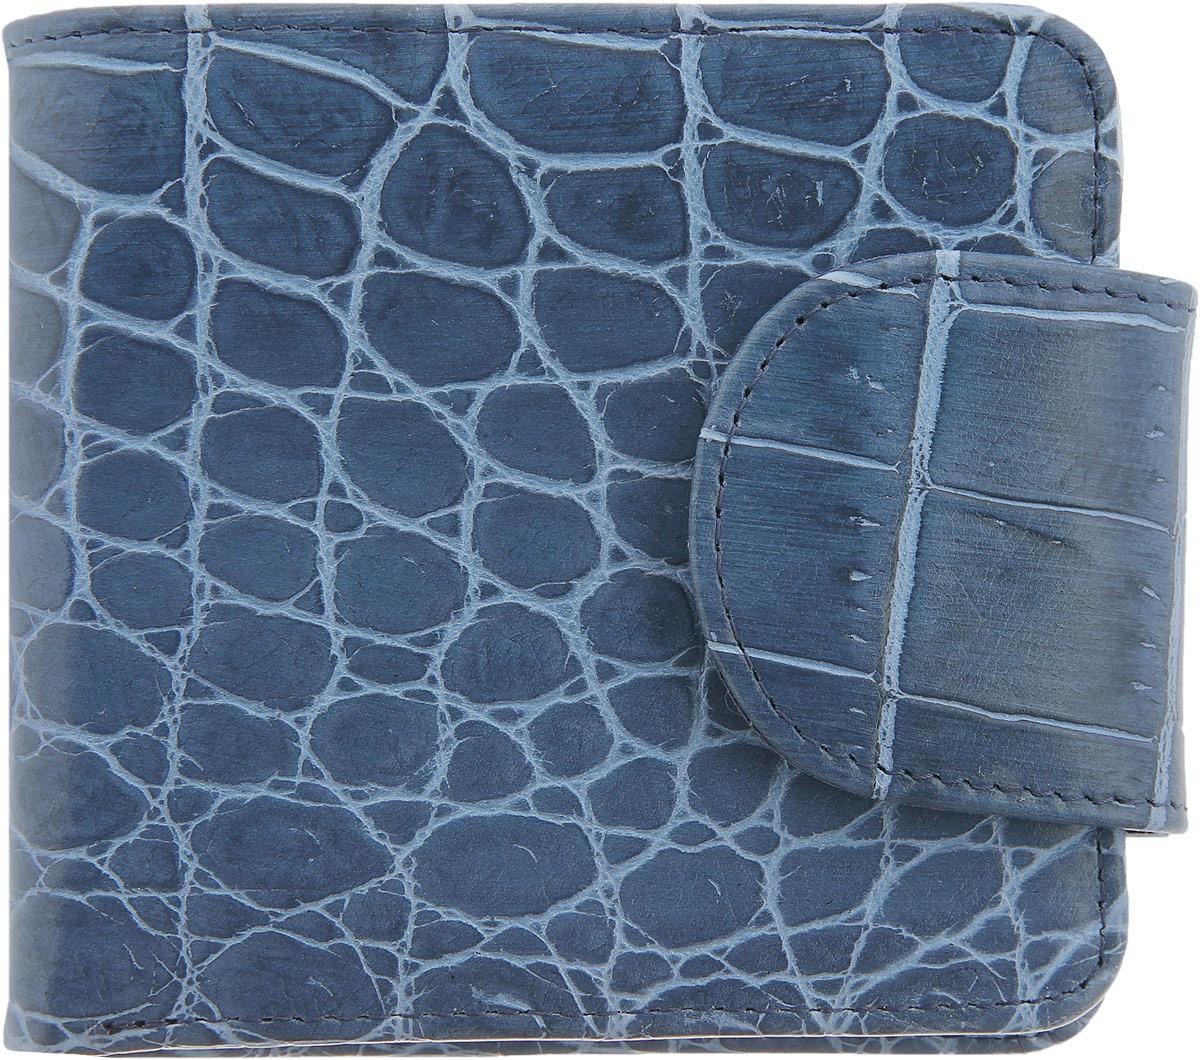 Кошелек женский Esse Дора Elite, цвет: синий. GDOR00-00KN00-FG108S-K100GDOR00-00KN00-FG108S-K100Стильный женский кошелек Esse Дора Elite изготовлен из натуральной высококачественной кожи и оформлен тиснением под крокодила. Кошелек выполнен в два сложения и закрывается на широкий хлястик с кнопкой. Модель содержит три отделения для купюр, одно из которых закрывается на молнию, два потайных кармашка, четыре кармана для кредитных карт или визиток, а также отделение для мелочи с клапаном на кнопке. Кошелек - это удобный и функциональный аксессуар, необходимый любому активному человеку для хранения денежных купюр, визиток, пластиковых карт и небольших документов. Он не только практичен в использовании, но также позволит вам подчеркнуть свою индивидуальность. Кошелек упакован в фирменную картонную коробку с логотипом бренда.